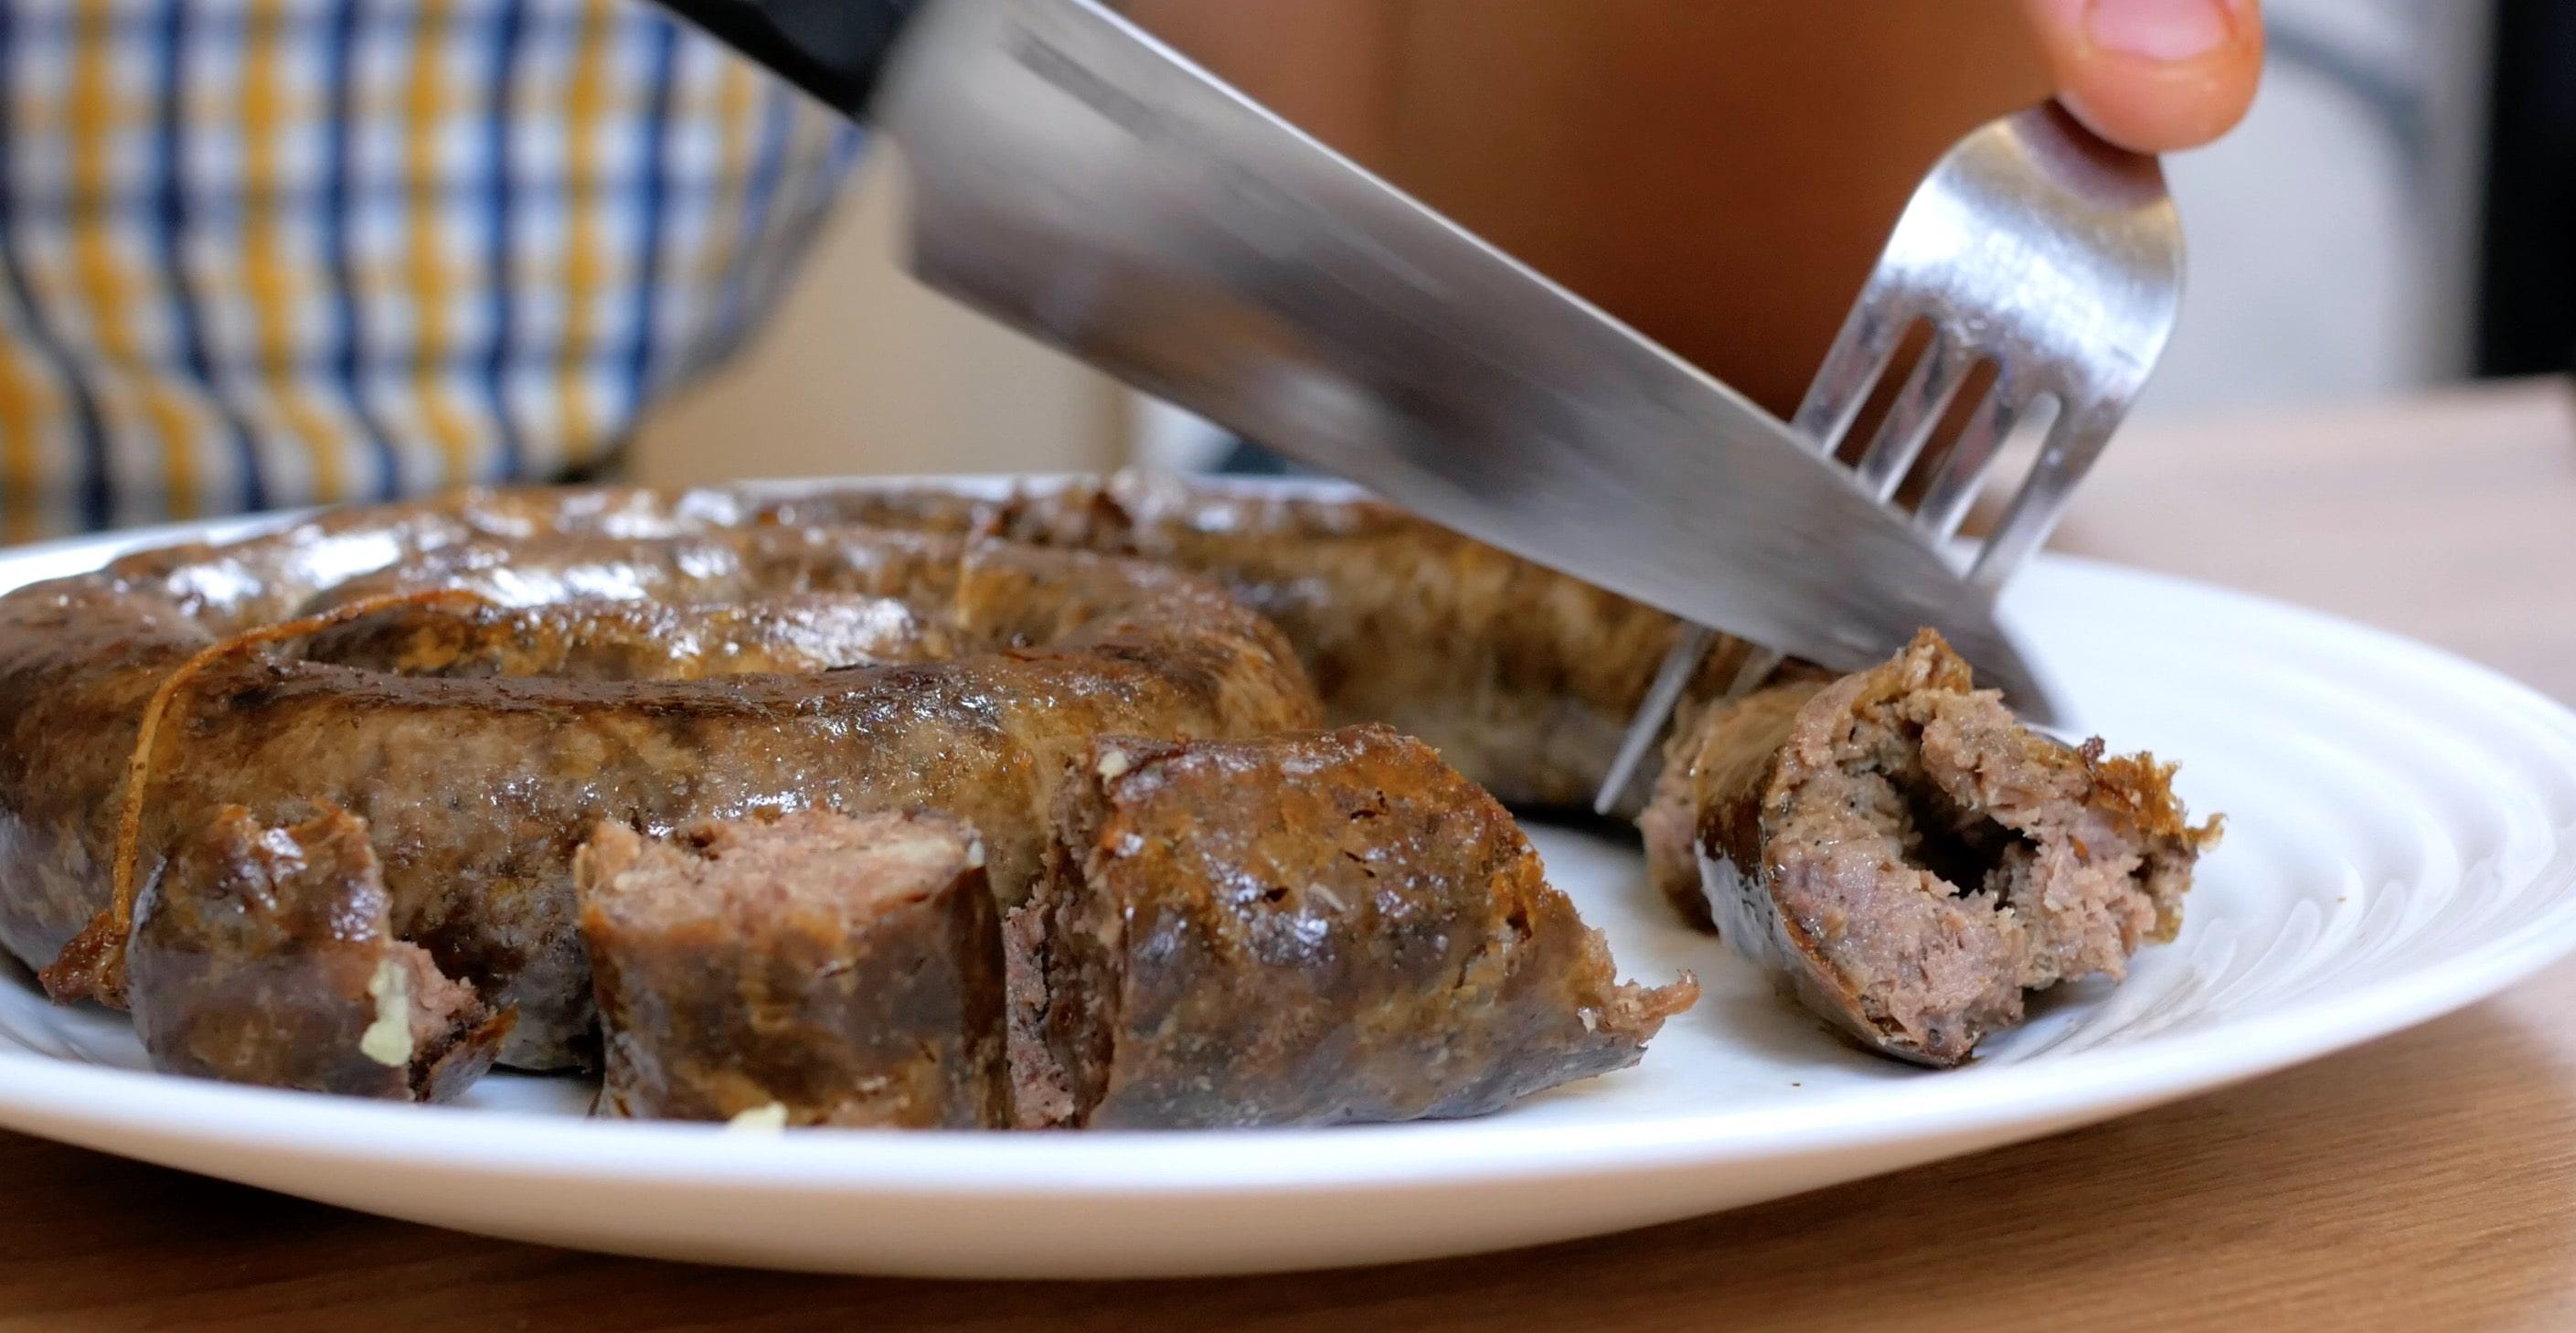 колбаса от Германа Стерлигова